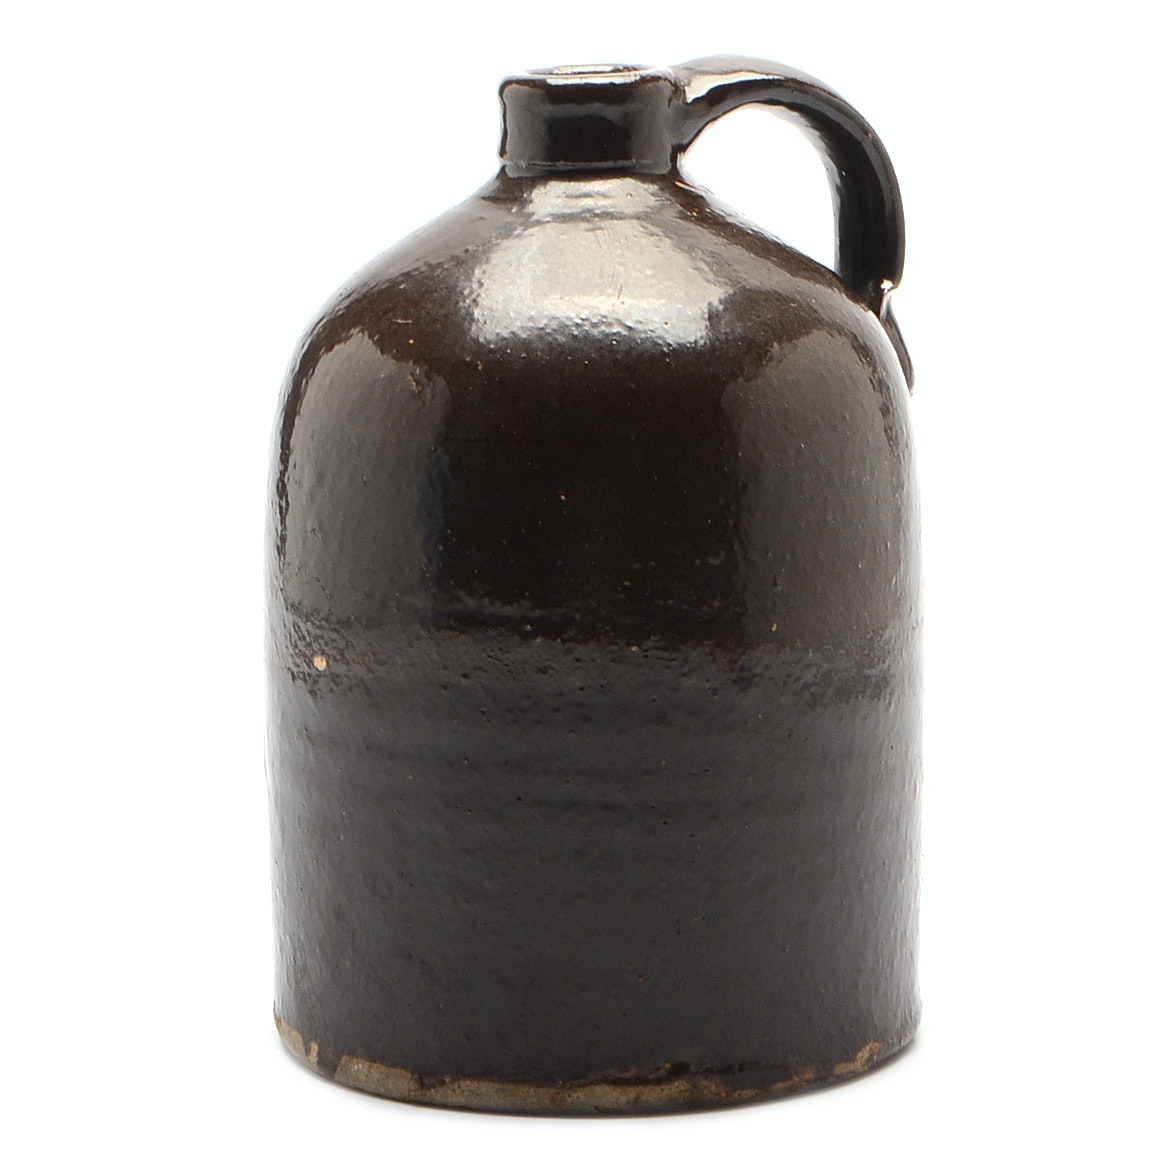 Vintage Brown Stoneware Jug